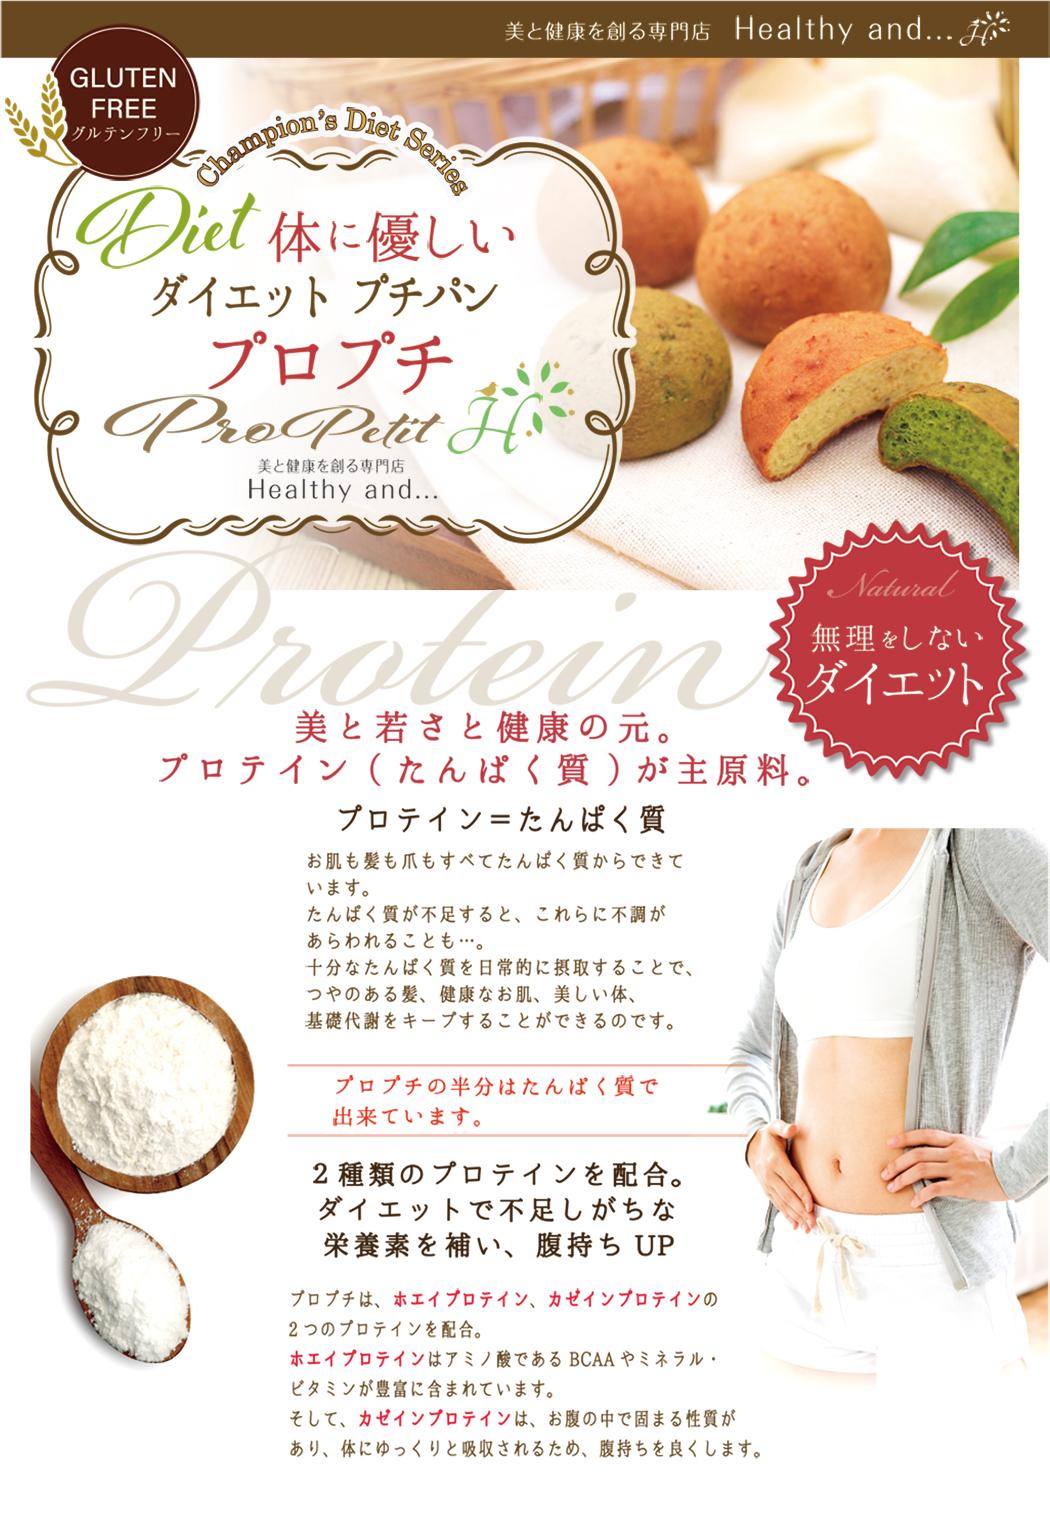 身体に優しいダイエットプチパン プロプチ